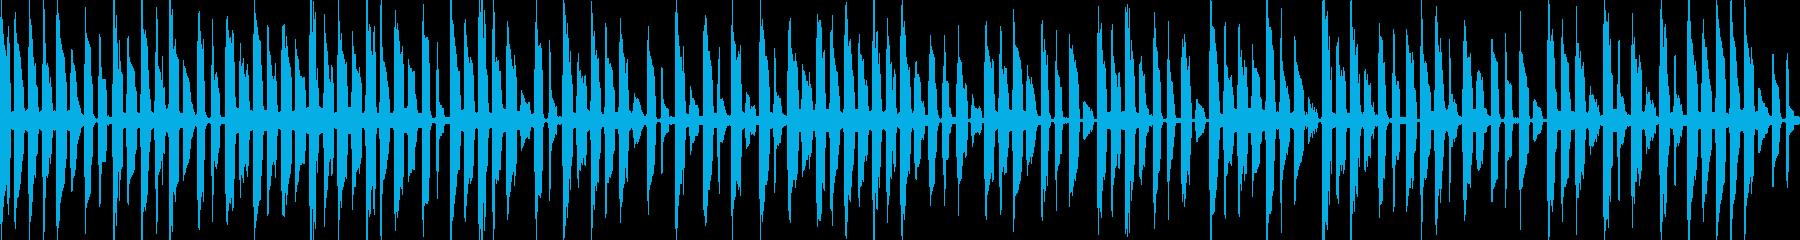 楽しく遊ぶ子供用モノ作り曲 30秒の再生済みの波形